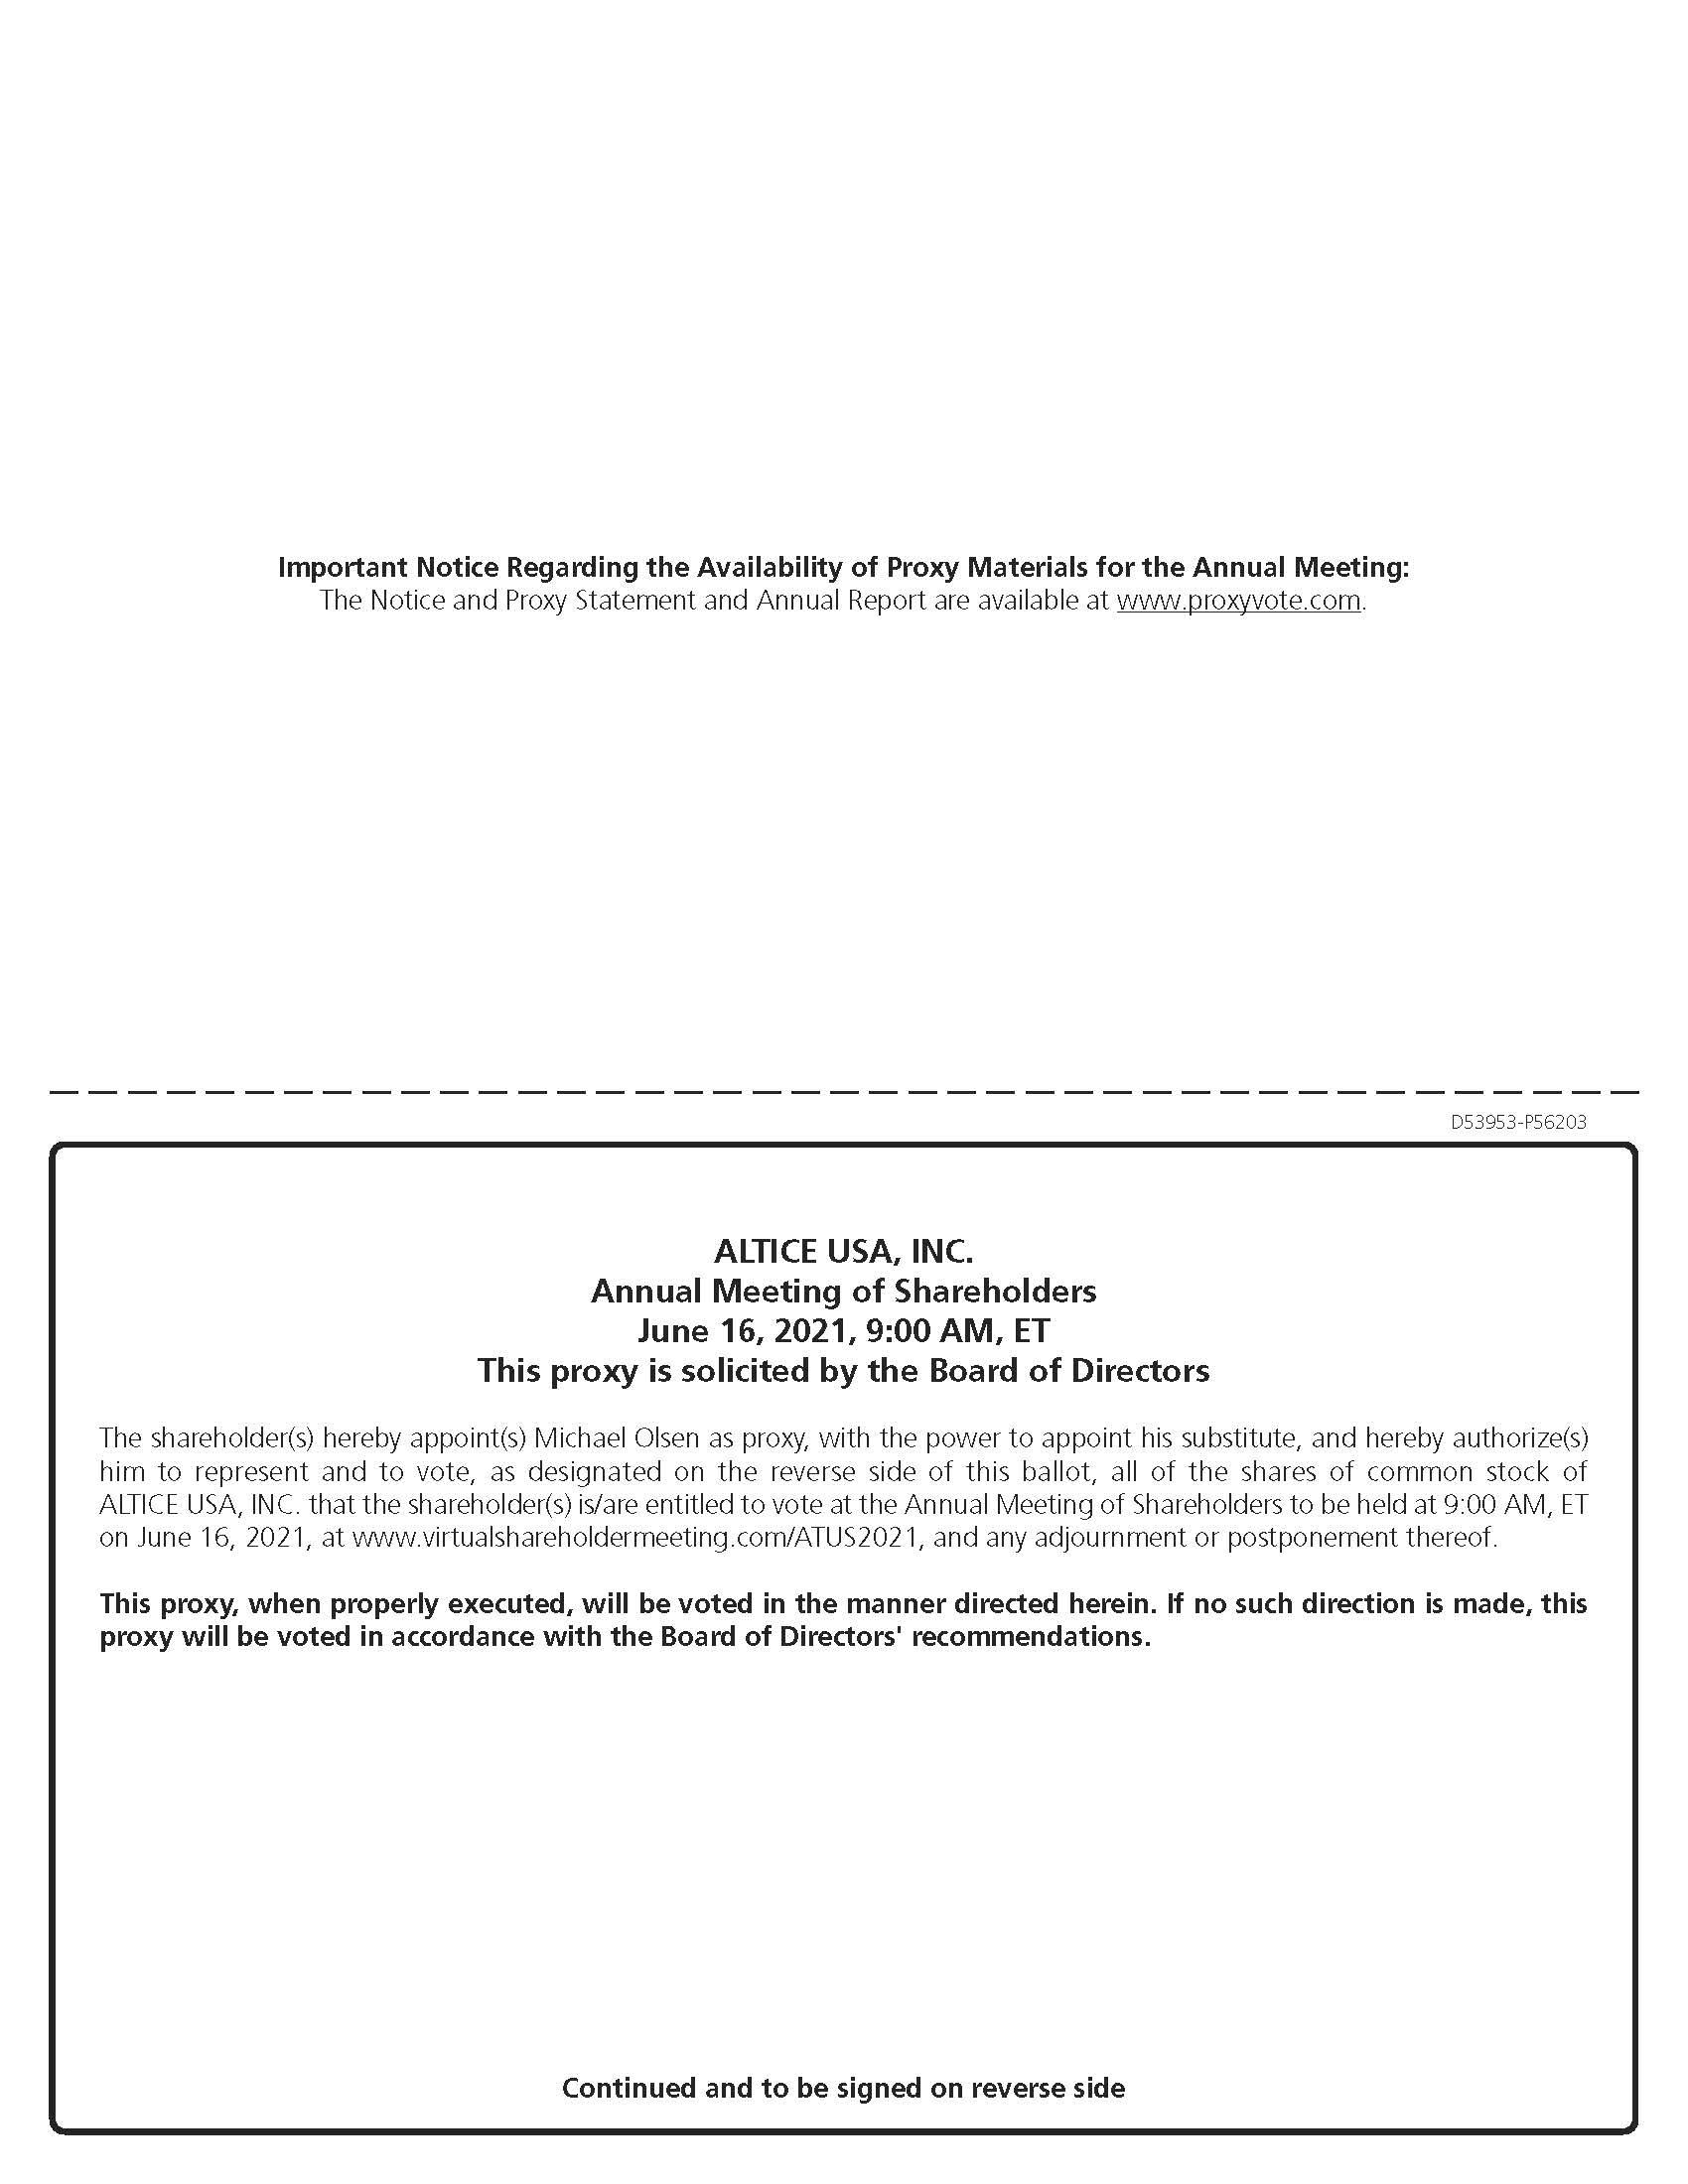 ALTICEUSAINC_PRXYXGT20XP56.JPG